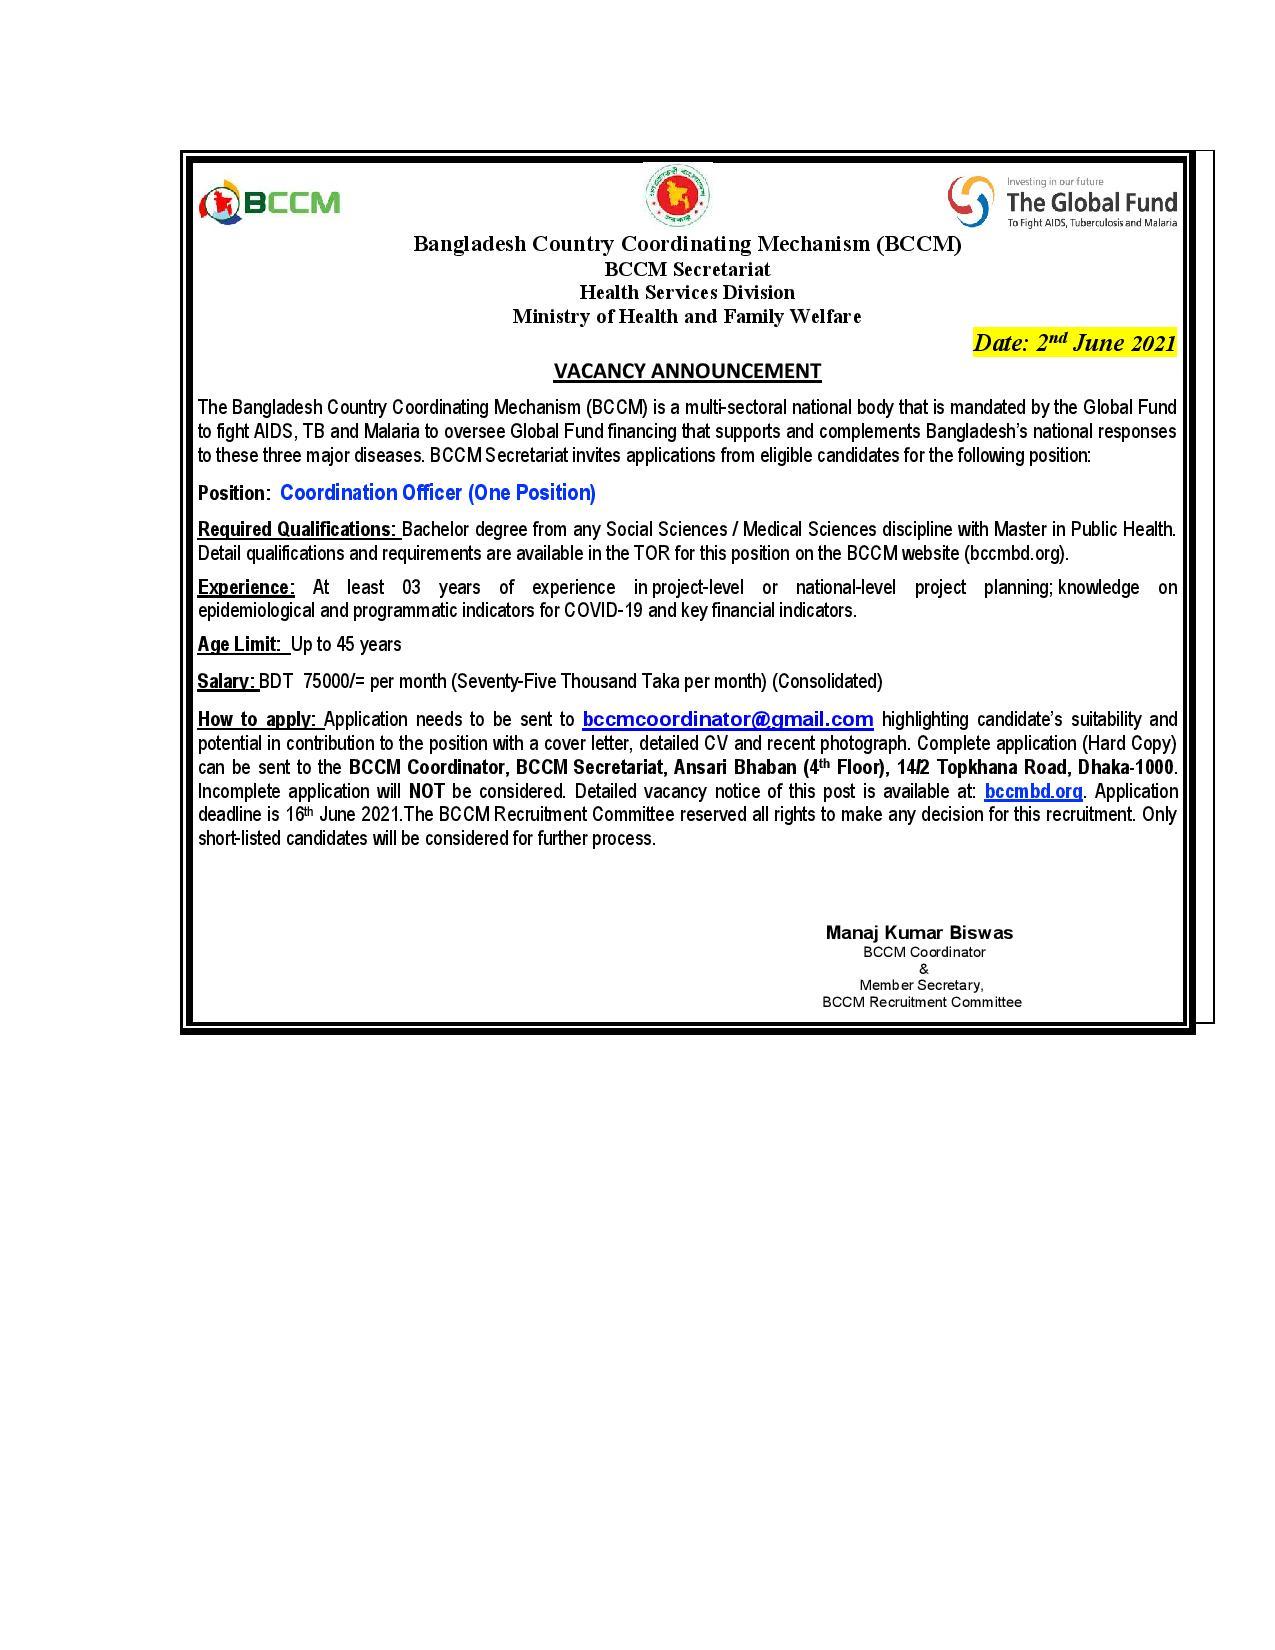 বাংলাদেশ কান্ট্রি কো অরডিনেটিং মেকানিজম এর নতুন নিয়োগ বিজ্ঞপ্তি